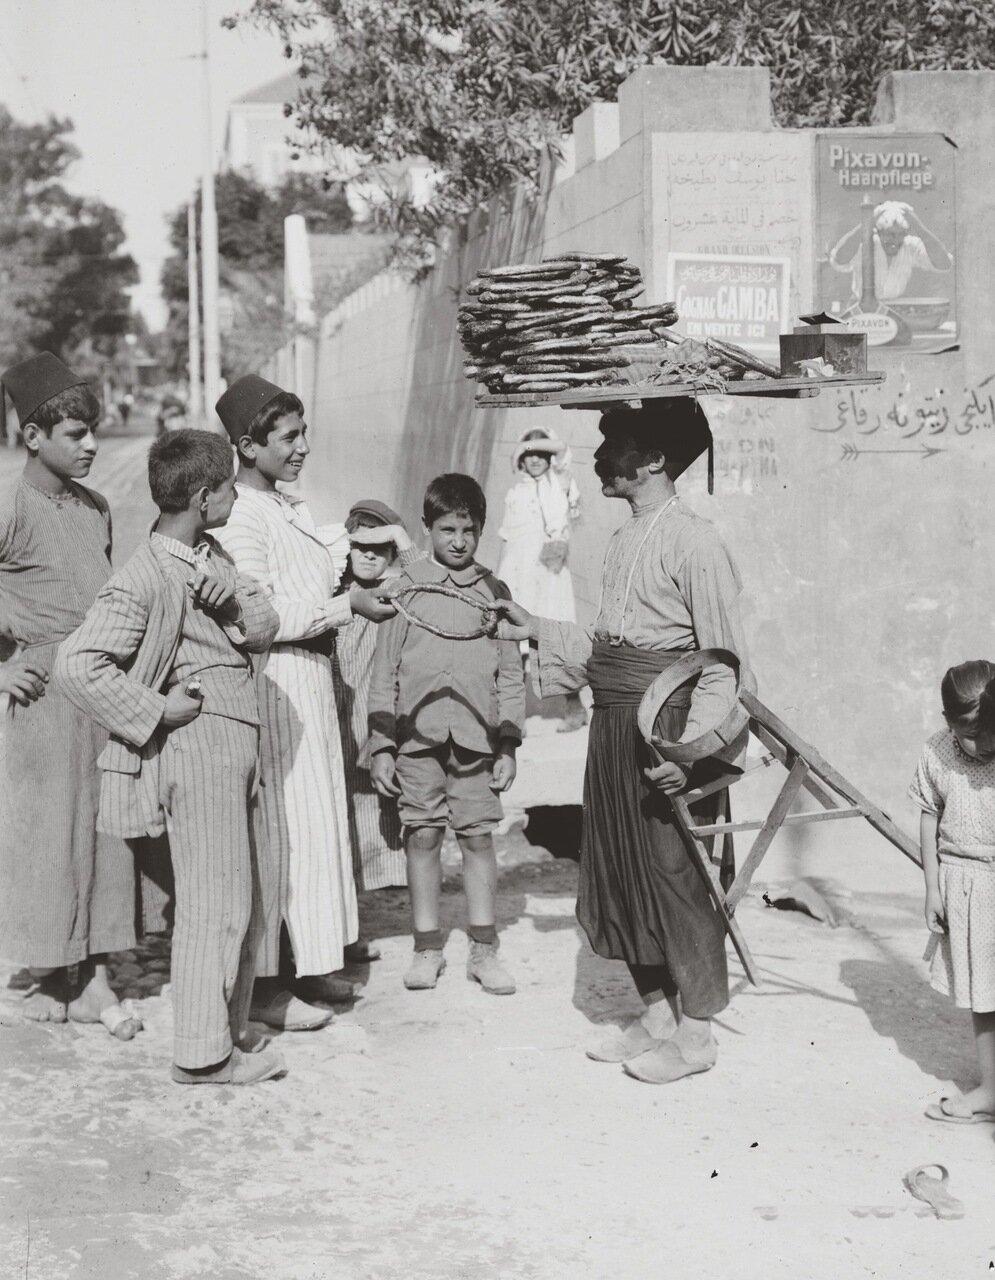 Продажа сладостей в Бейруте, Ливан. 1900-1920 гг.